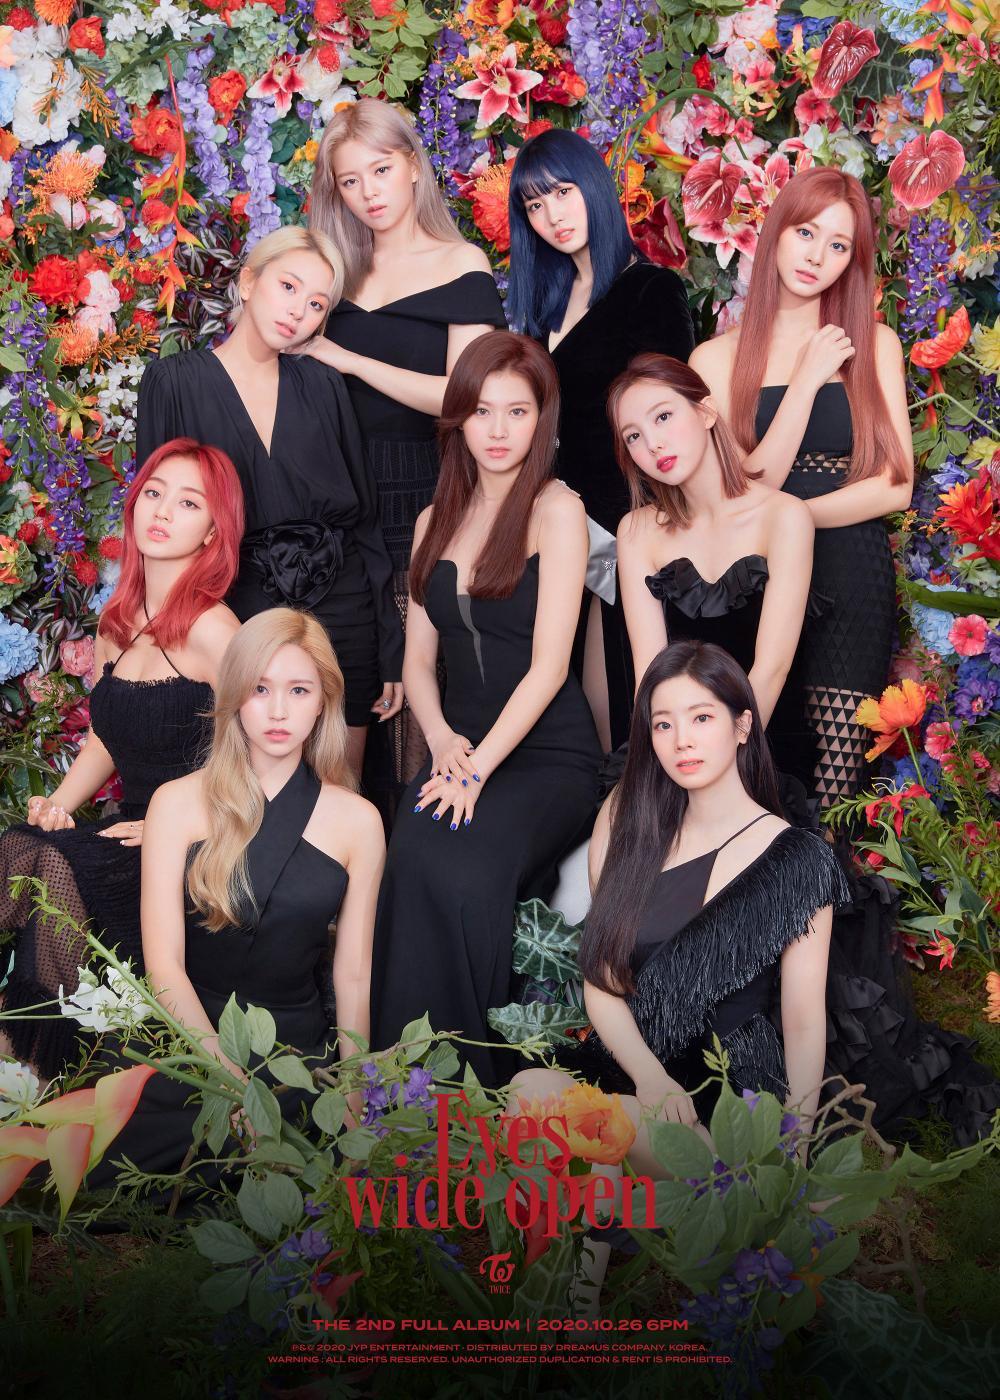 Kpop 'ầm ầm' trên BXH World Album: BlackPink lấy lại vị trí đã mất từ Twice, NCT có thêm trợ thủ Ảnh 4